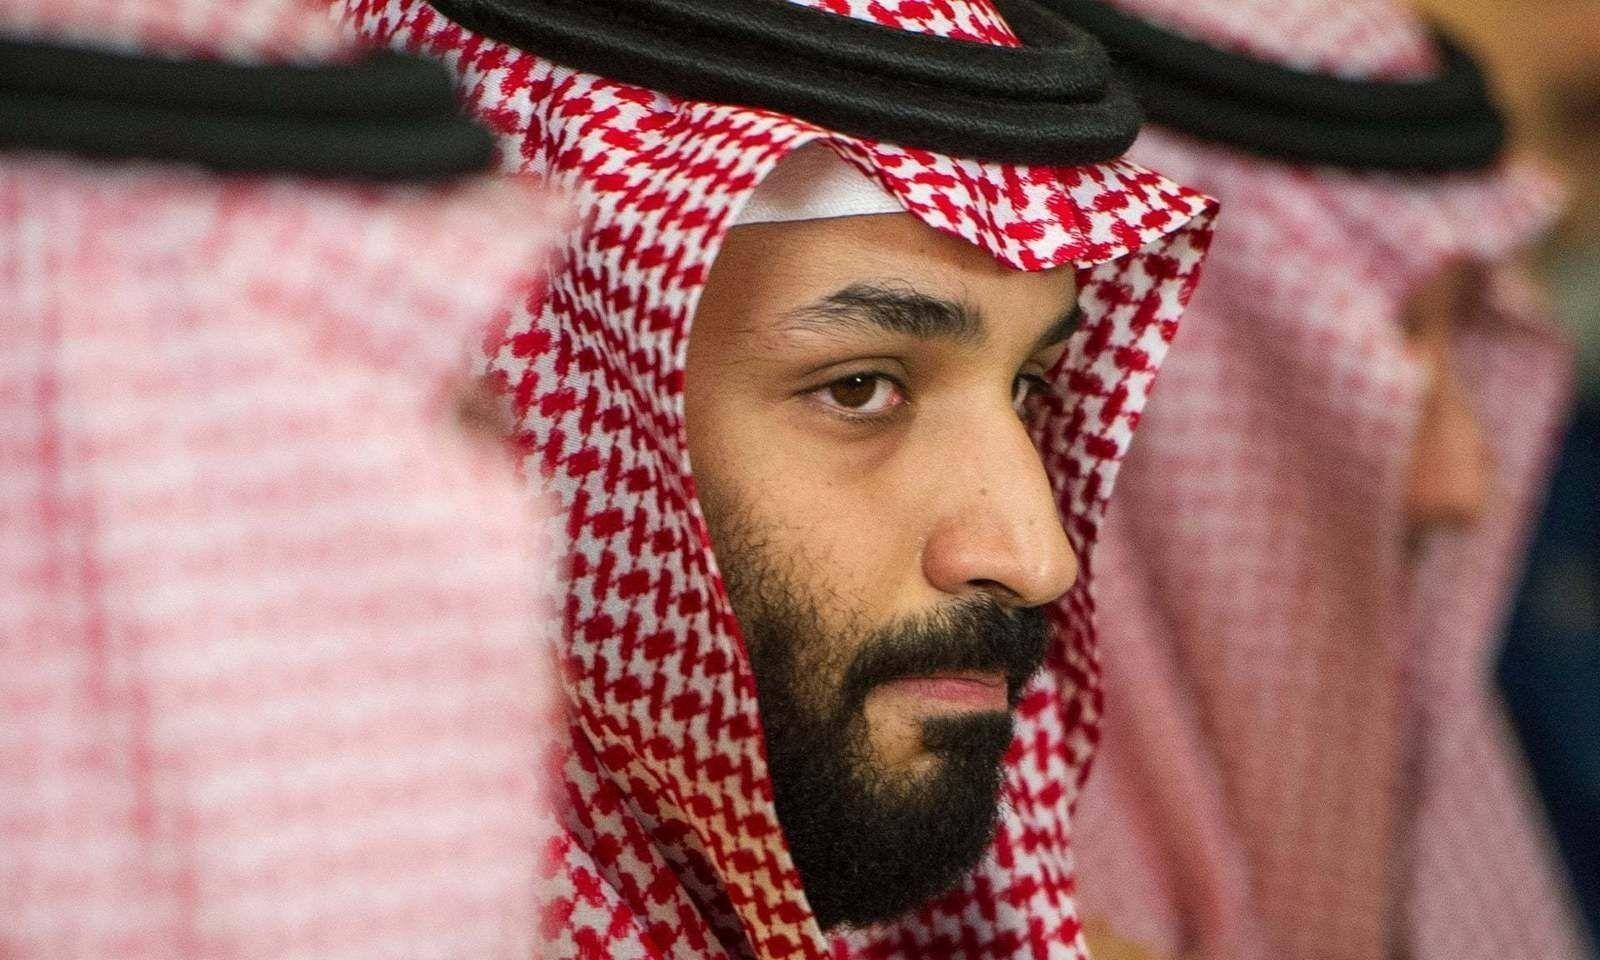 Саудын Араб сэтгүүлчийн аллагын аудио бичлэгт хөрөөний дуу сонсогдож байгааг CNN мэдээлжээ